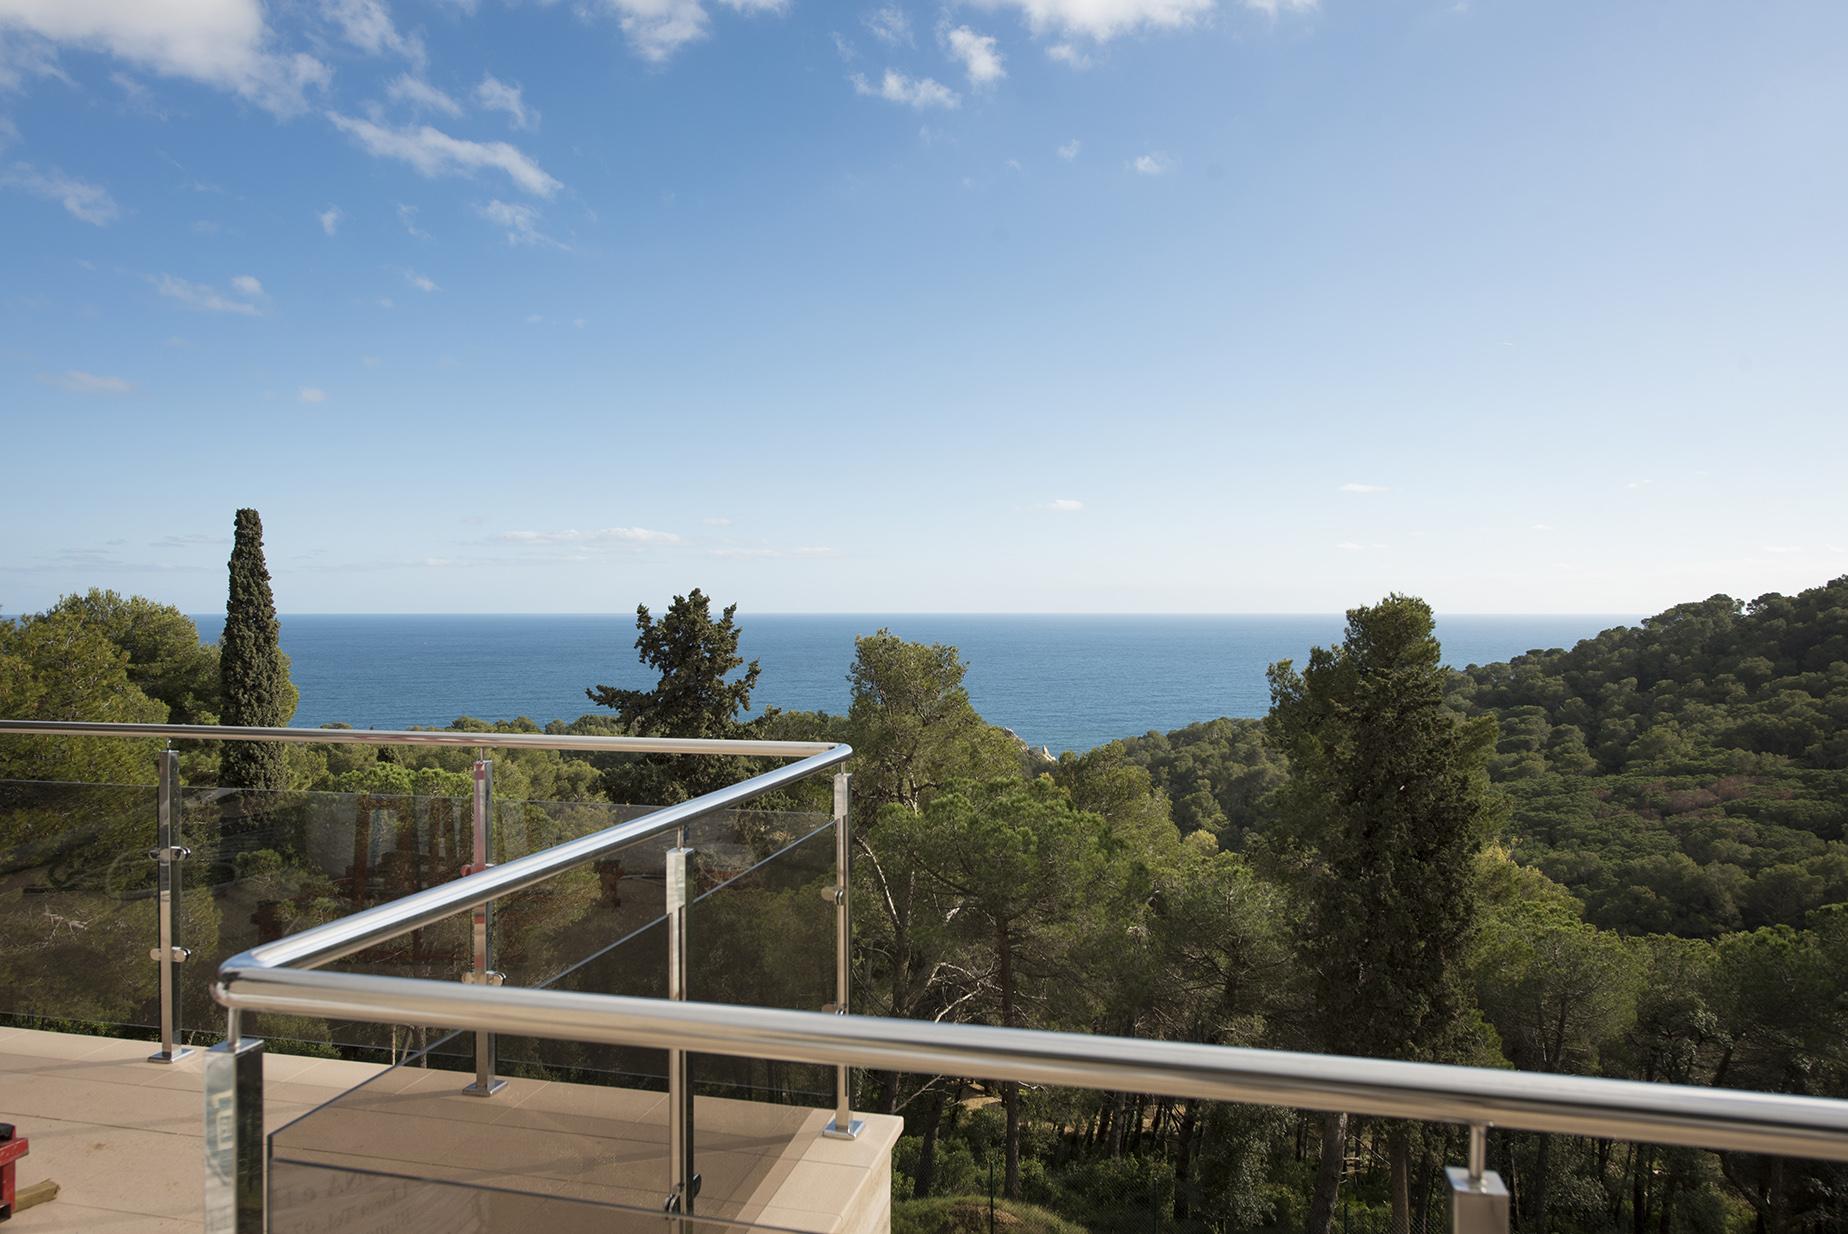 Moradia para Venda às Newly built villa in exclusive location 800 m from the sea Other Spain, Outras Áreas Em Espanha, 17300 Espanha